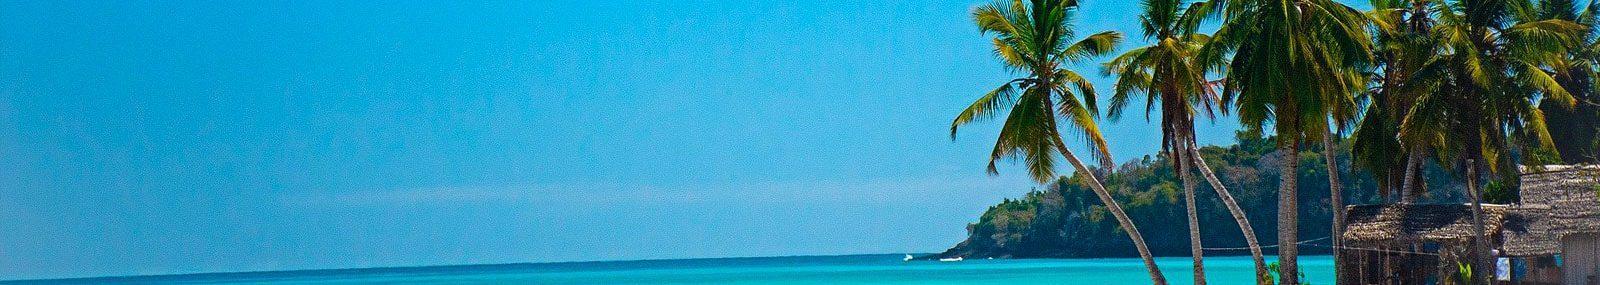 madagascar beach destination